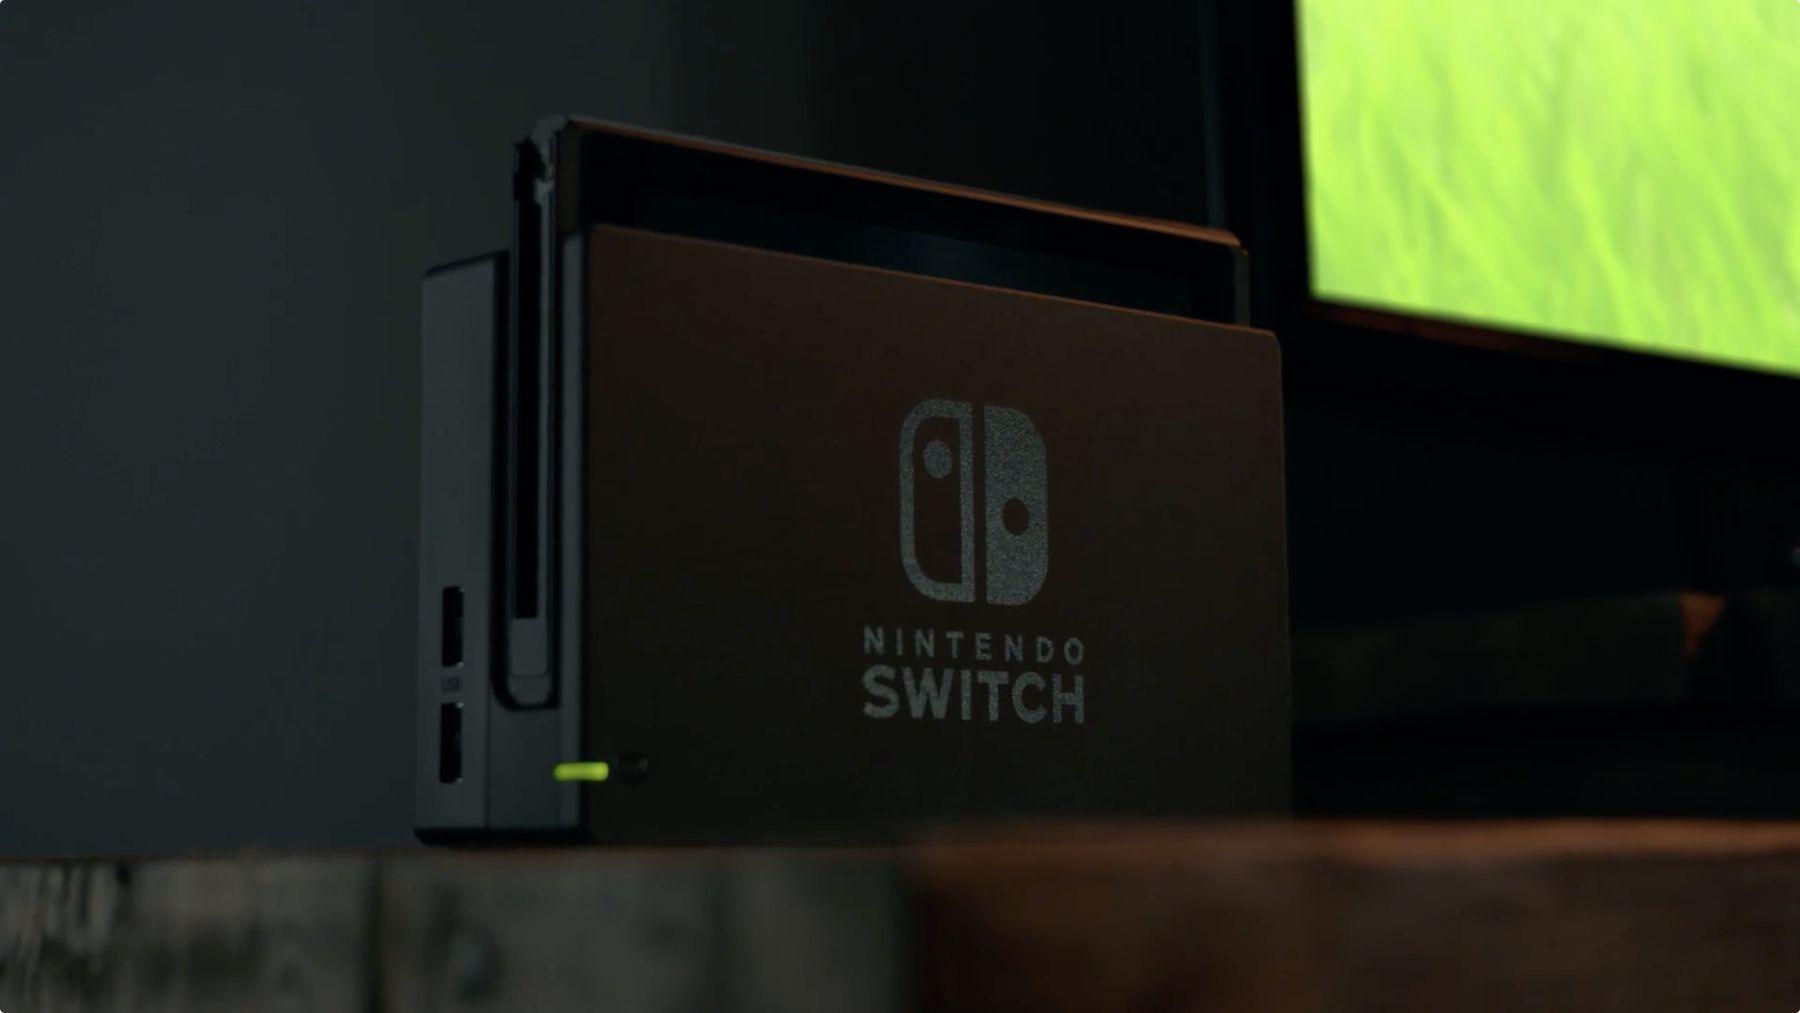 Nintendo Switch posée à côté d'un téléviseur